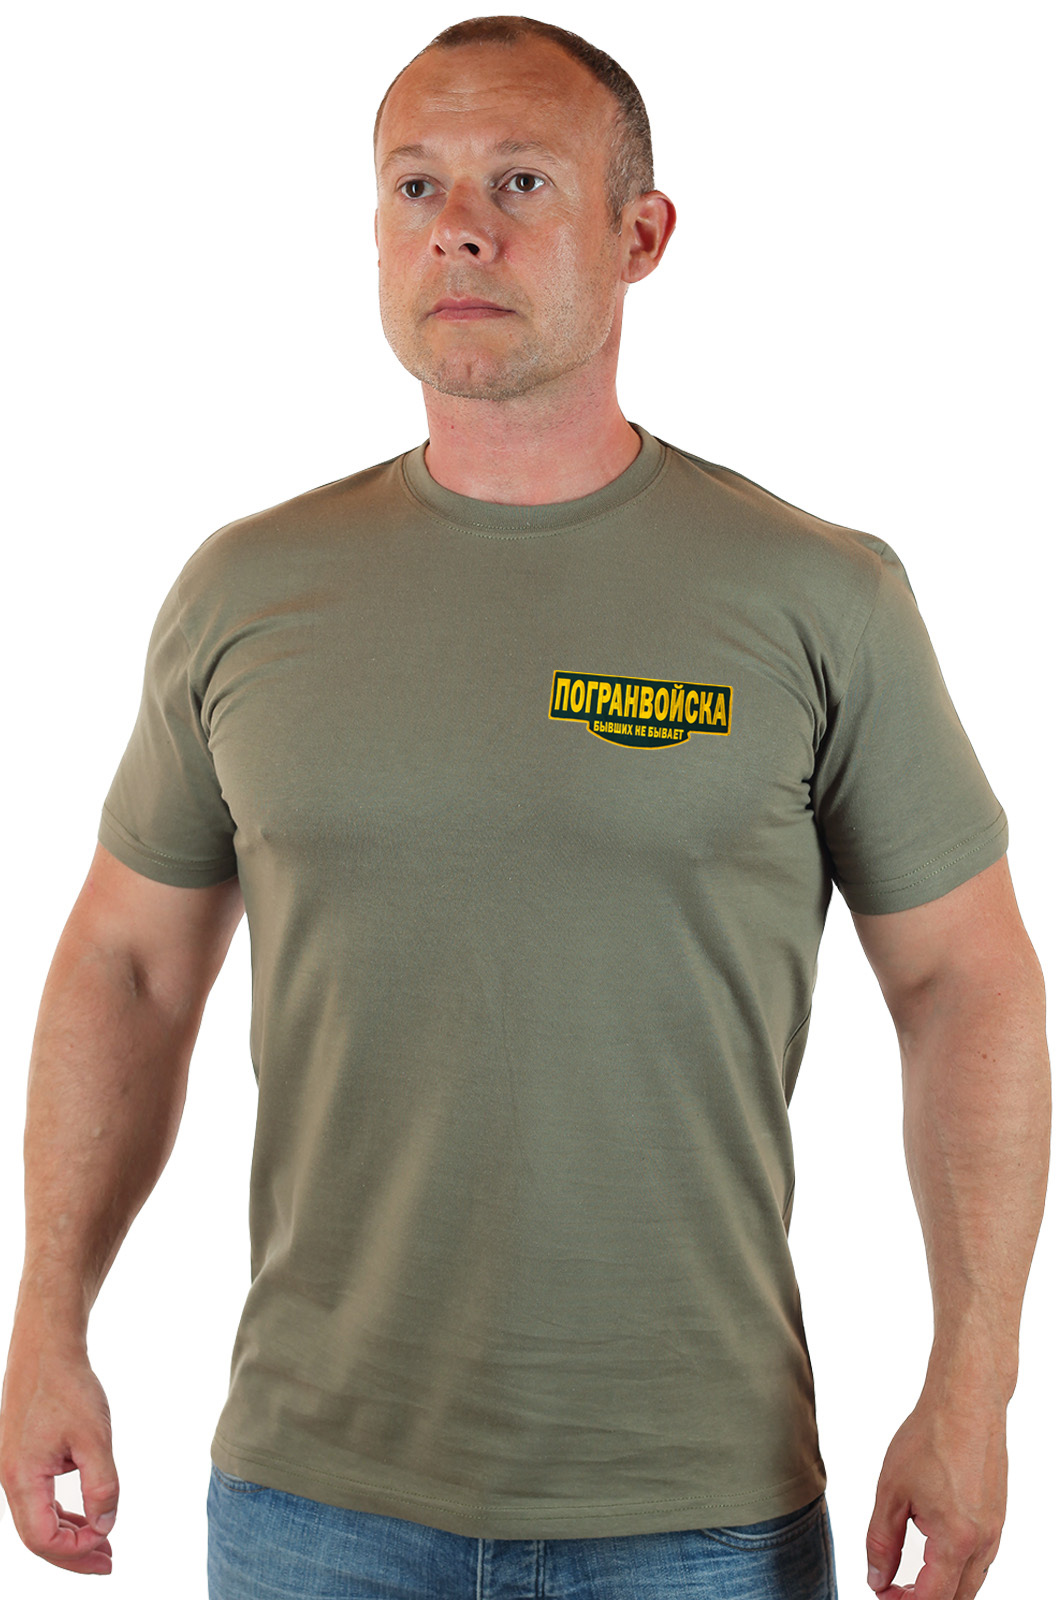 Мужская пограничная футболка с вышивкой